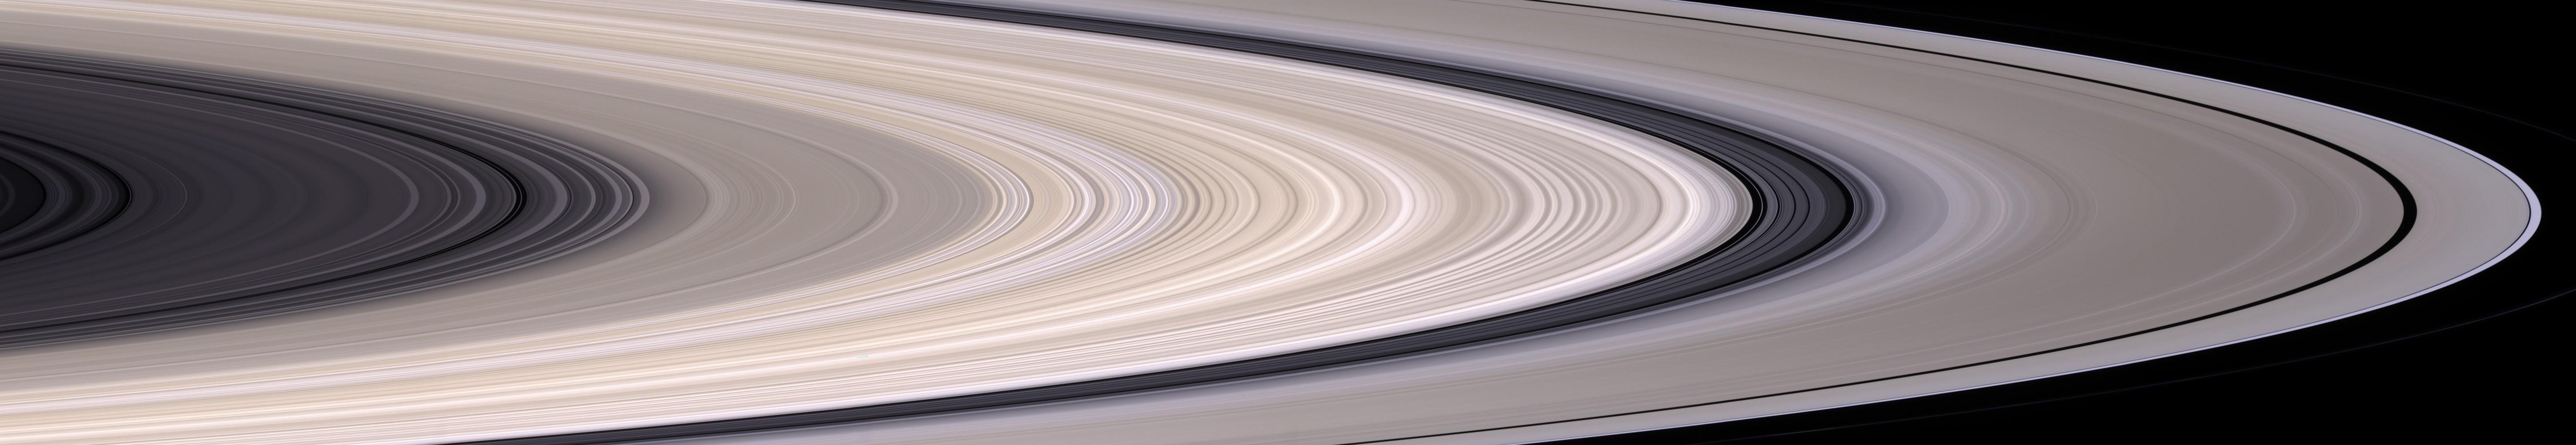 Panoramatický pohľad na prstence Saturna. Širší, vonkajší šedý prstenec je prstenec A. Z vnútornej strany ho vymedzuje Cassiniho delenie, najväčšia medzera v Saturnových prstencoch. Za ňou sa nachádza široký, hnedobiely prstenec B, potom tenší a tmavší prstenec C a najvnútornejší je prstenec D.